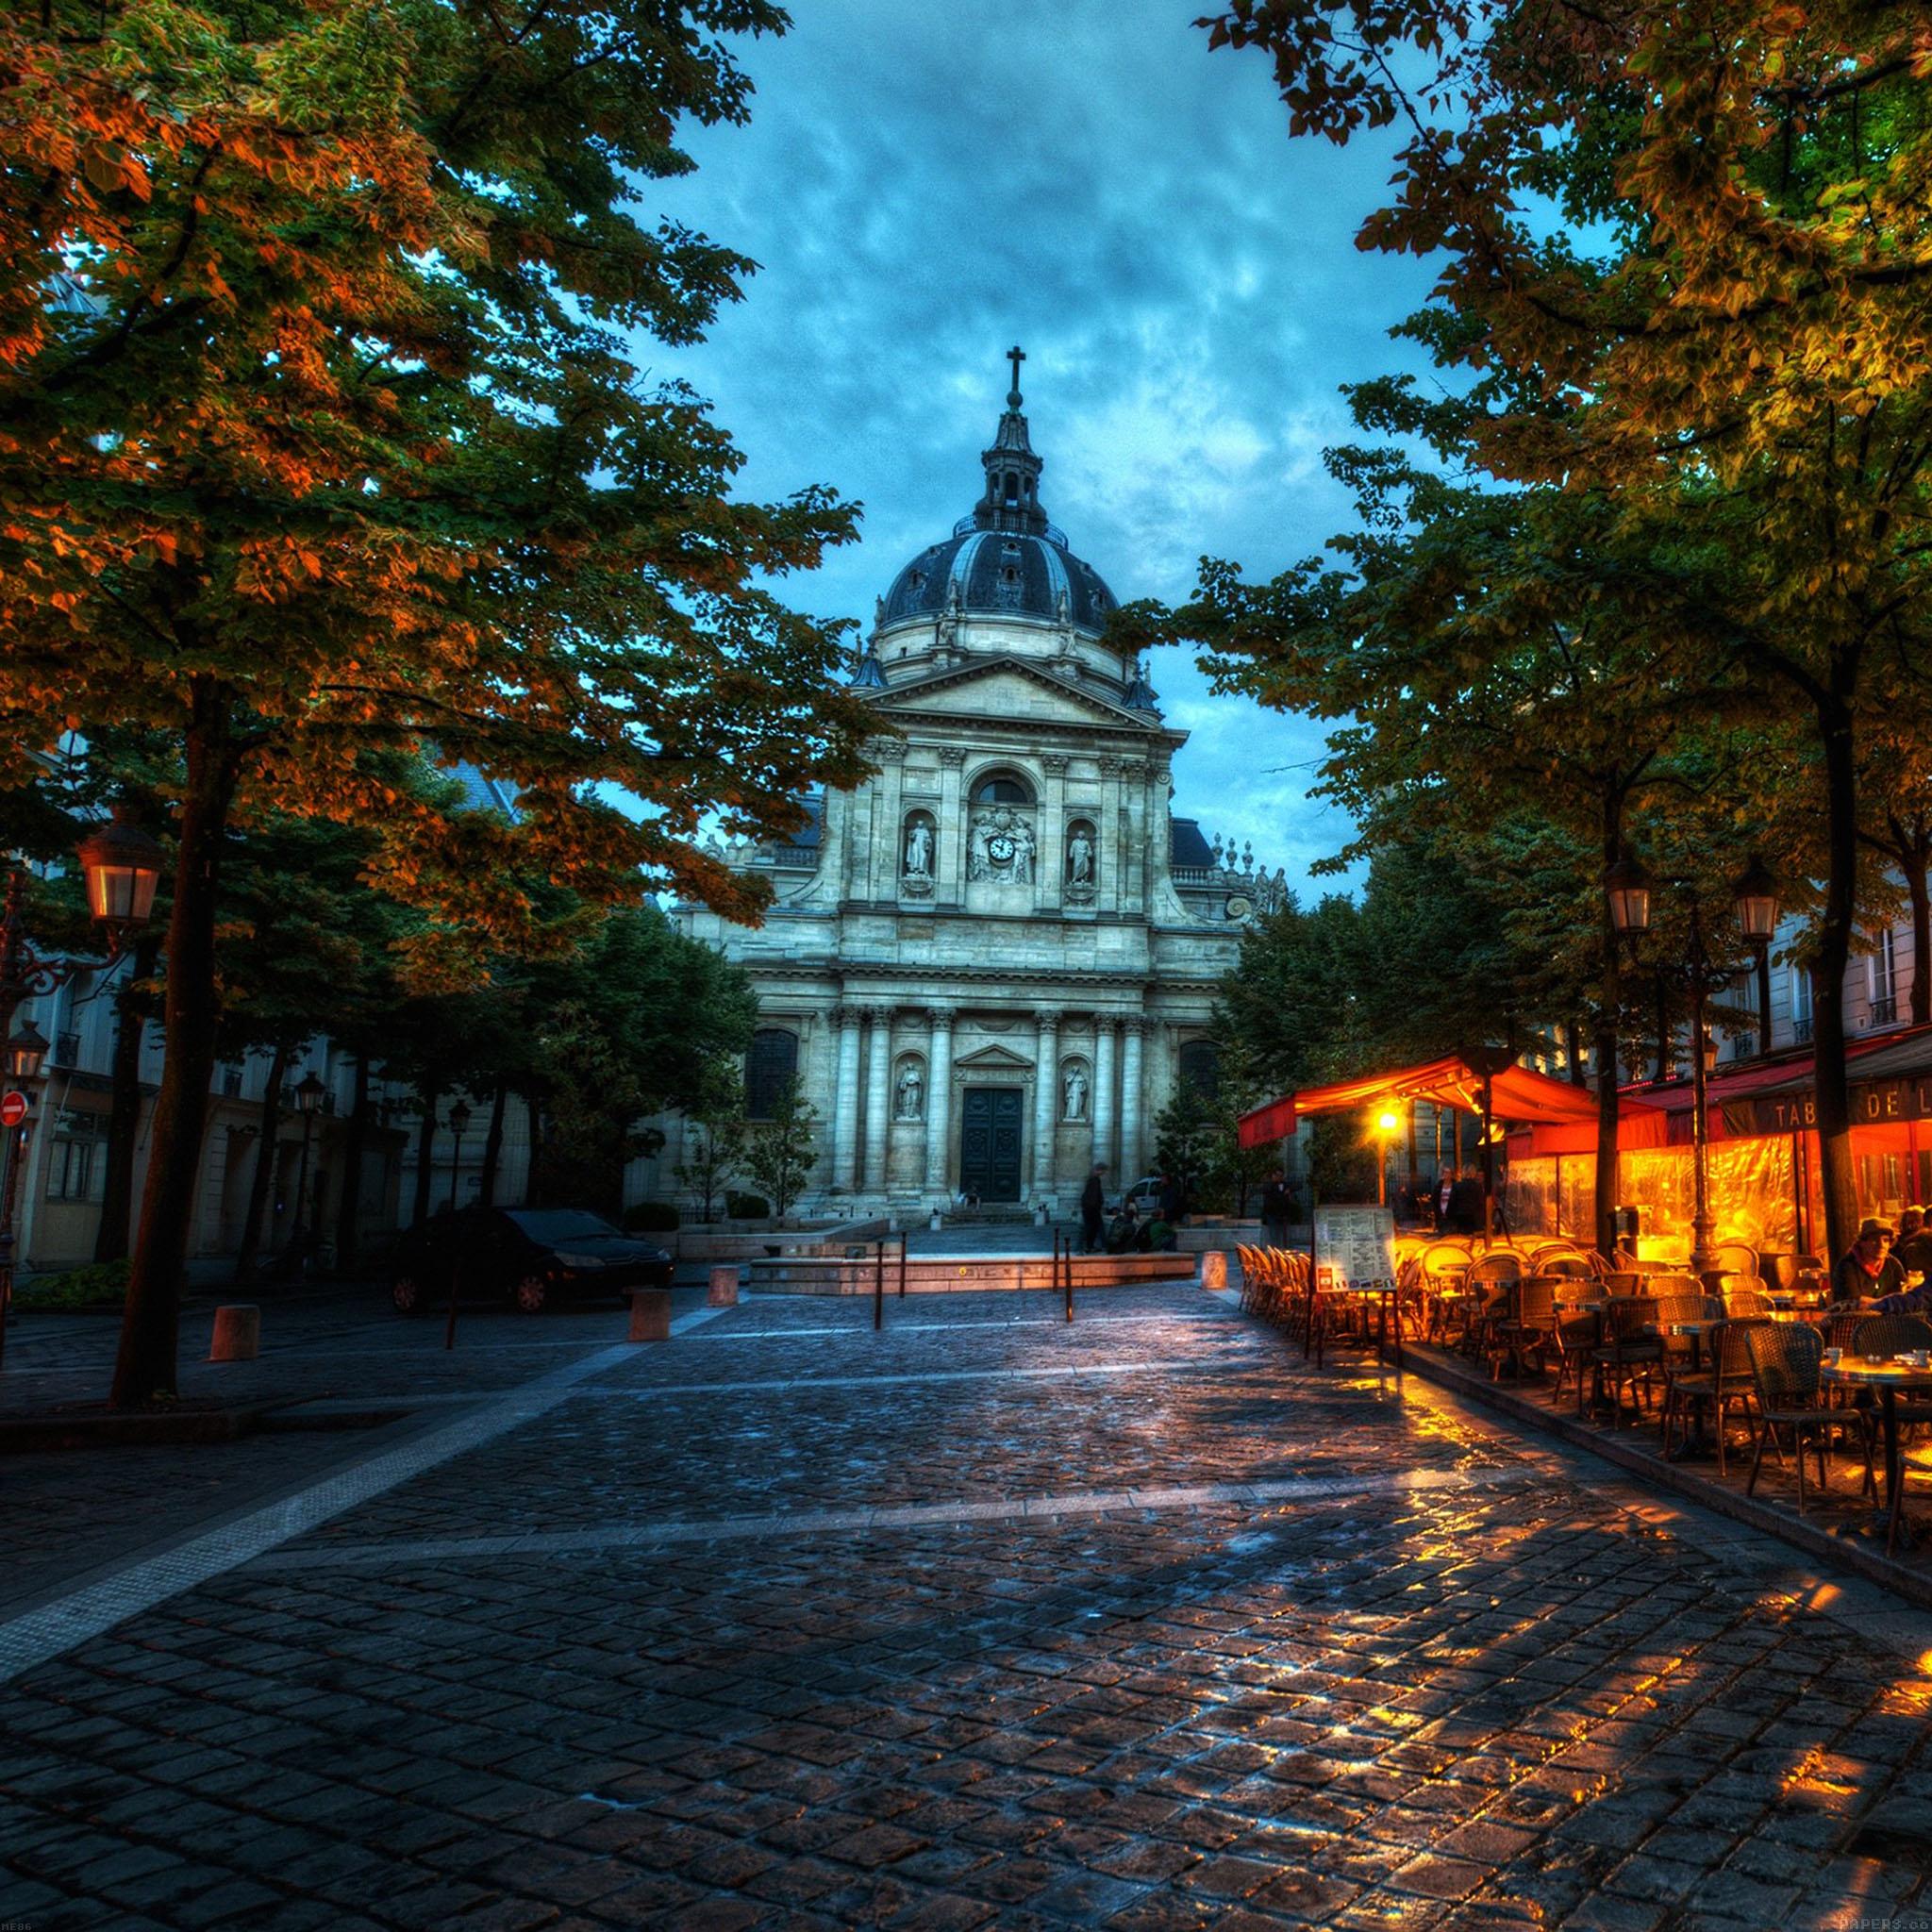 me86-de-la-sorbonne-city-street-art - Papers.co